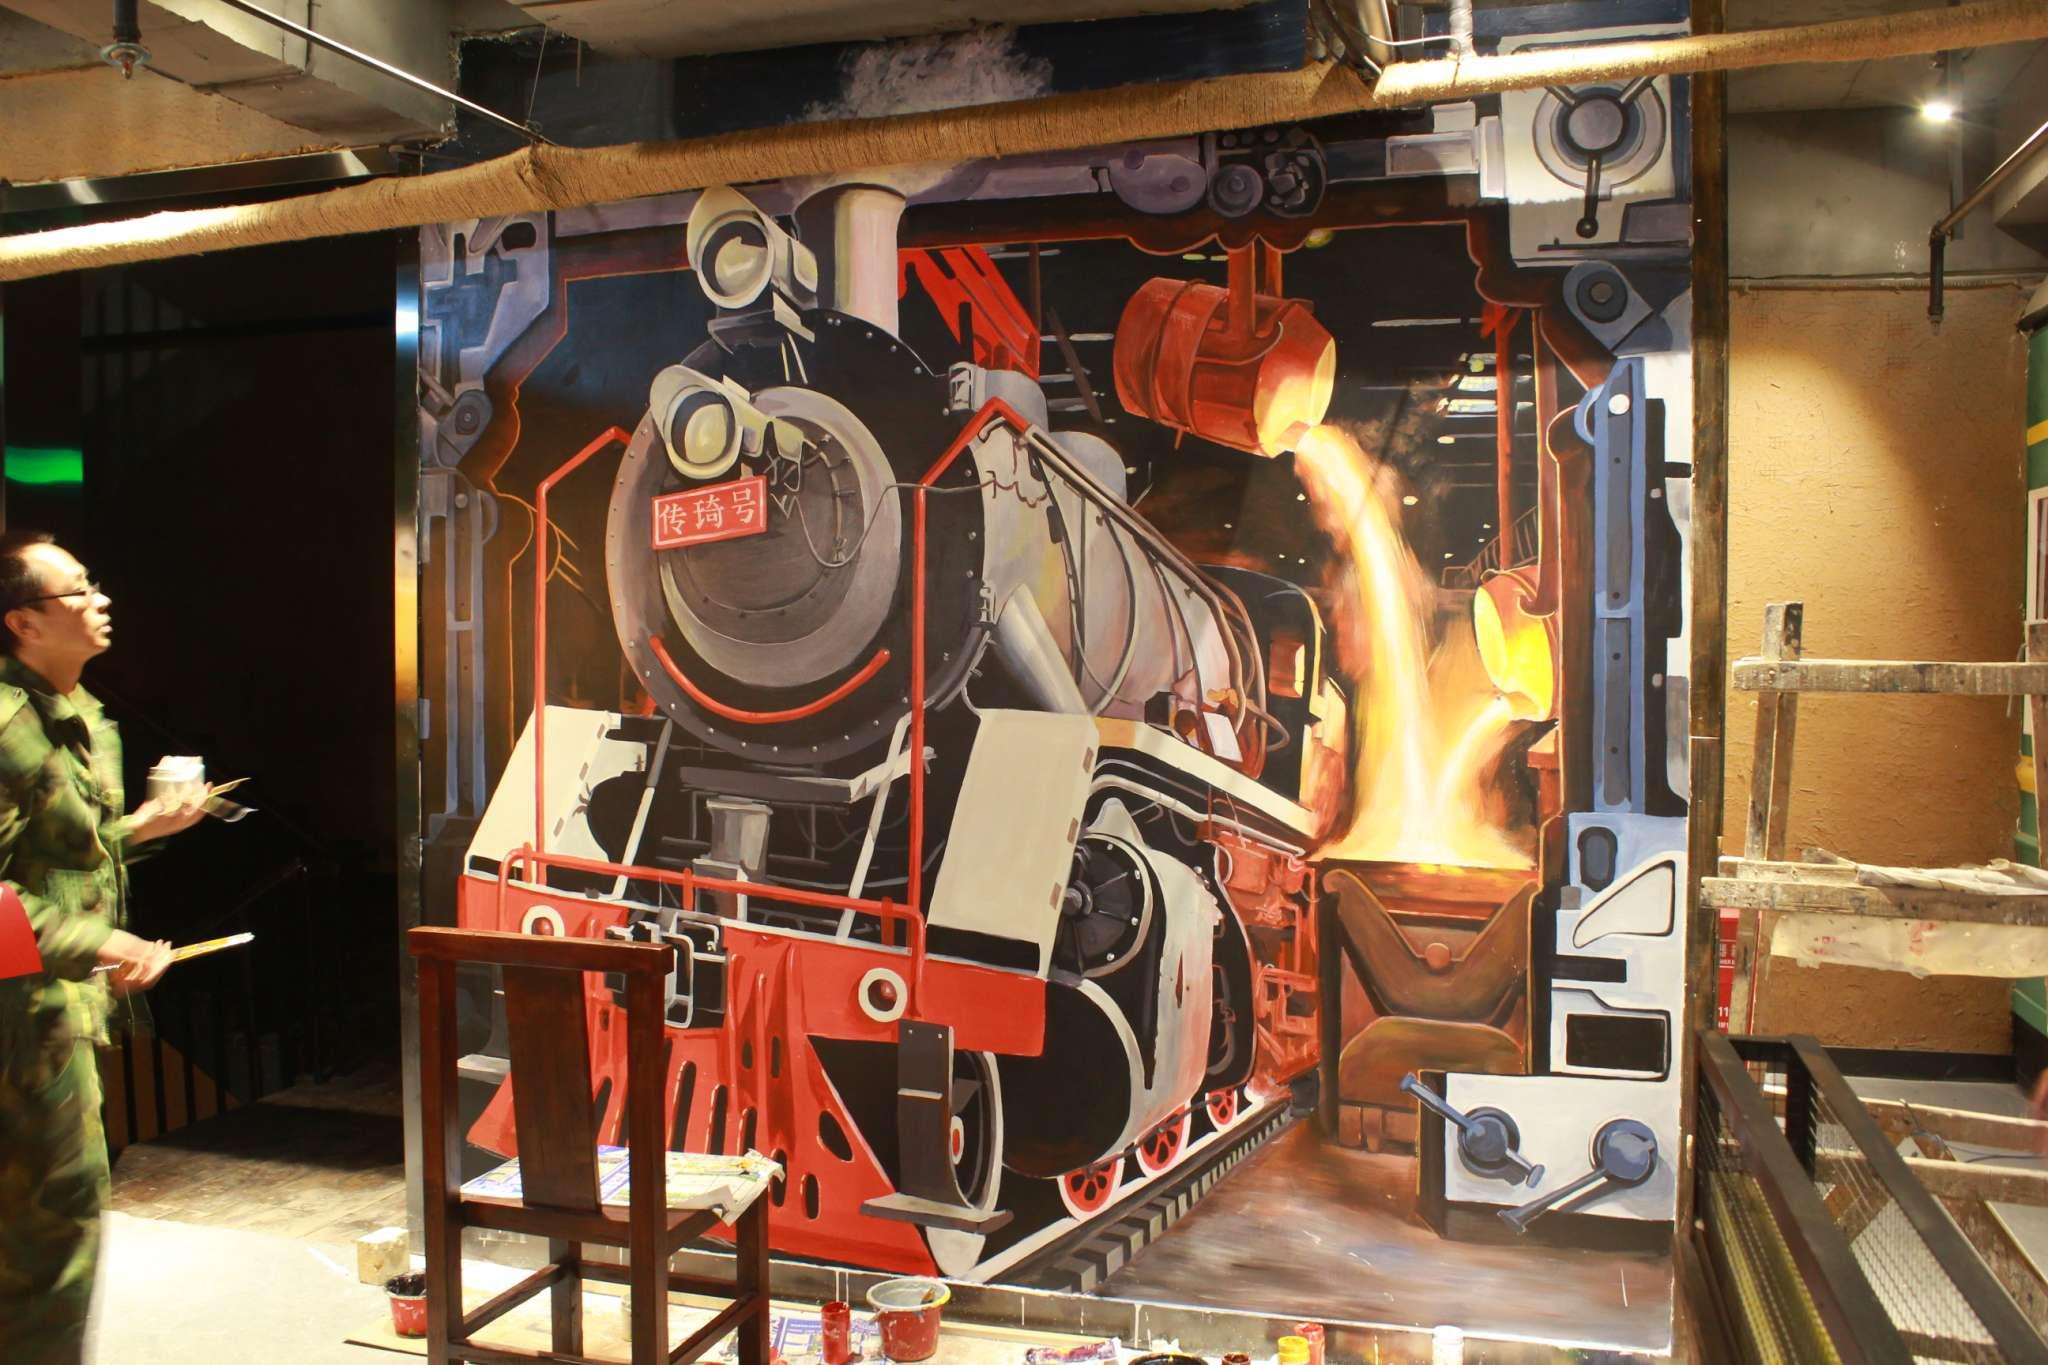 3d立体画-魔幻主题烧烤店墙绘-之典墙绘图片